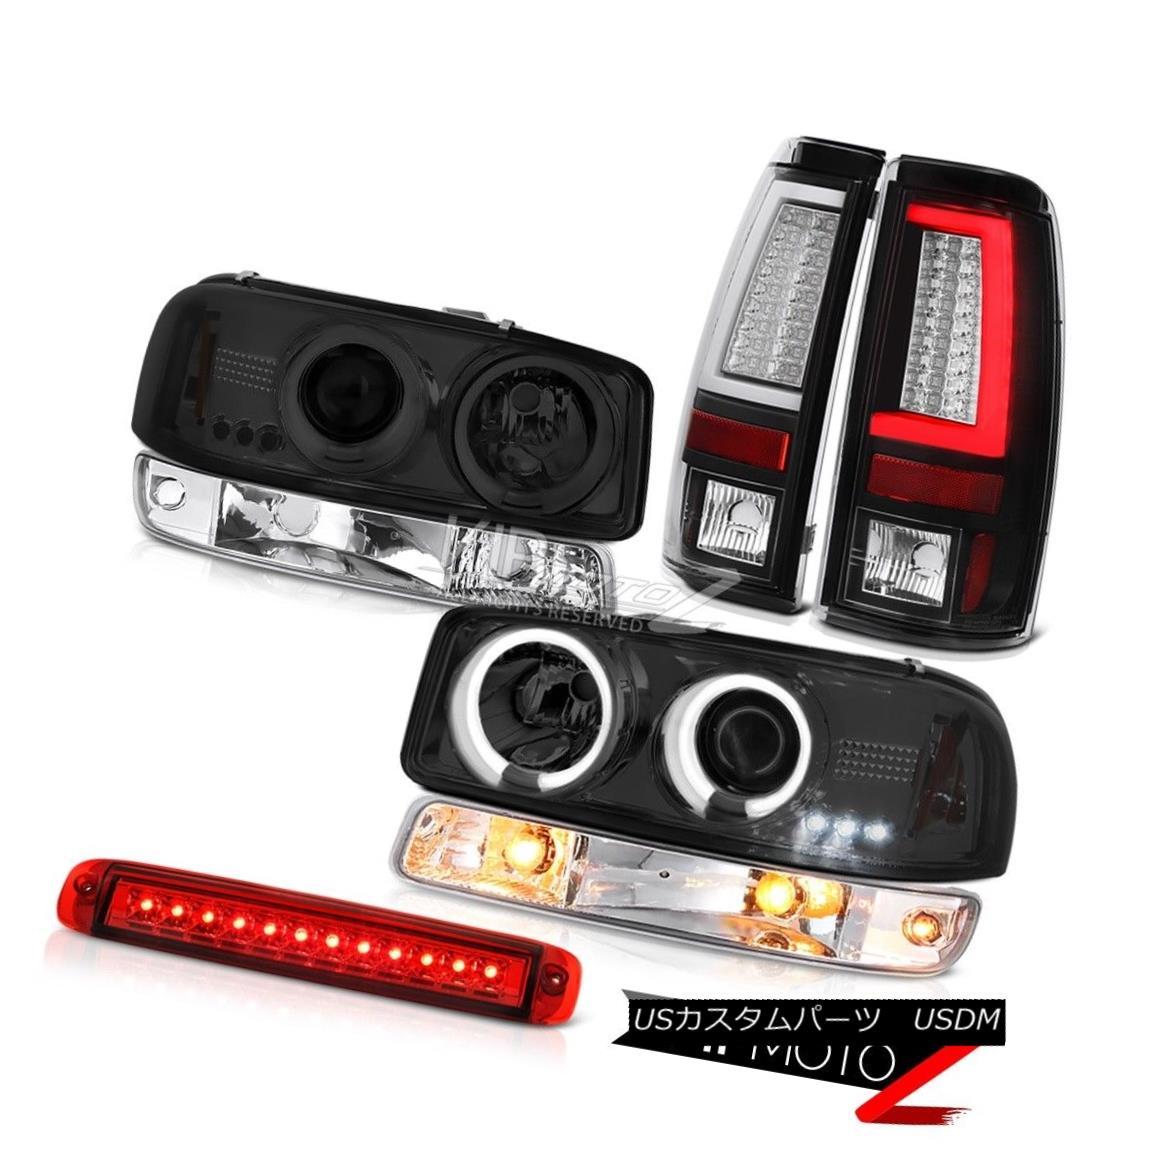 ヘッドライト 1999-2006 Sierra 5.3L Black Taillamps High Stop Light Signal CCFL Headlights LED 1999-2006 Sierra 5.3L Black Taillampsハイストップライト信号CCFLヘッドライトLED